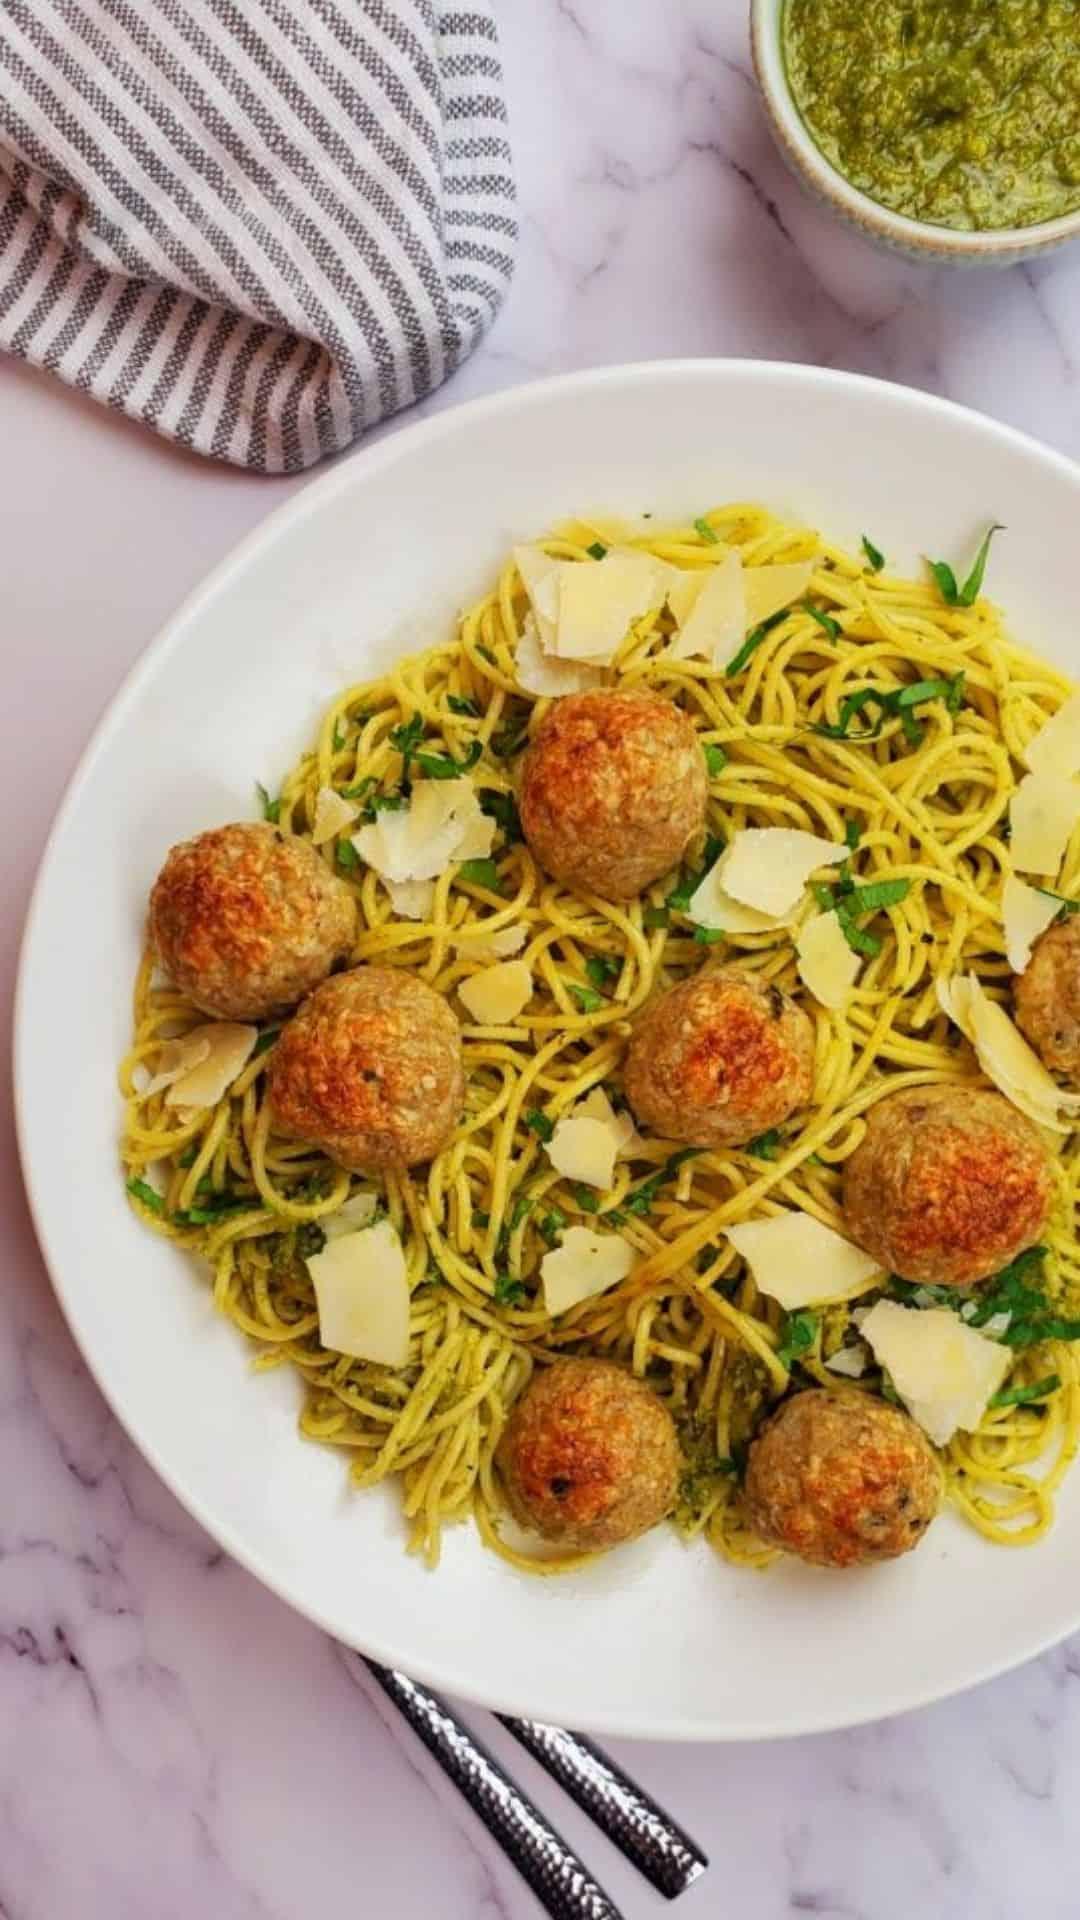 Pesto Spaghetti with Chicken Meatballs